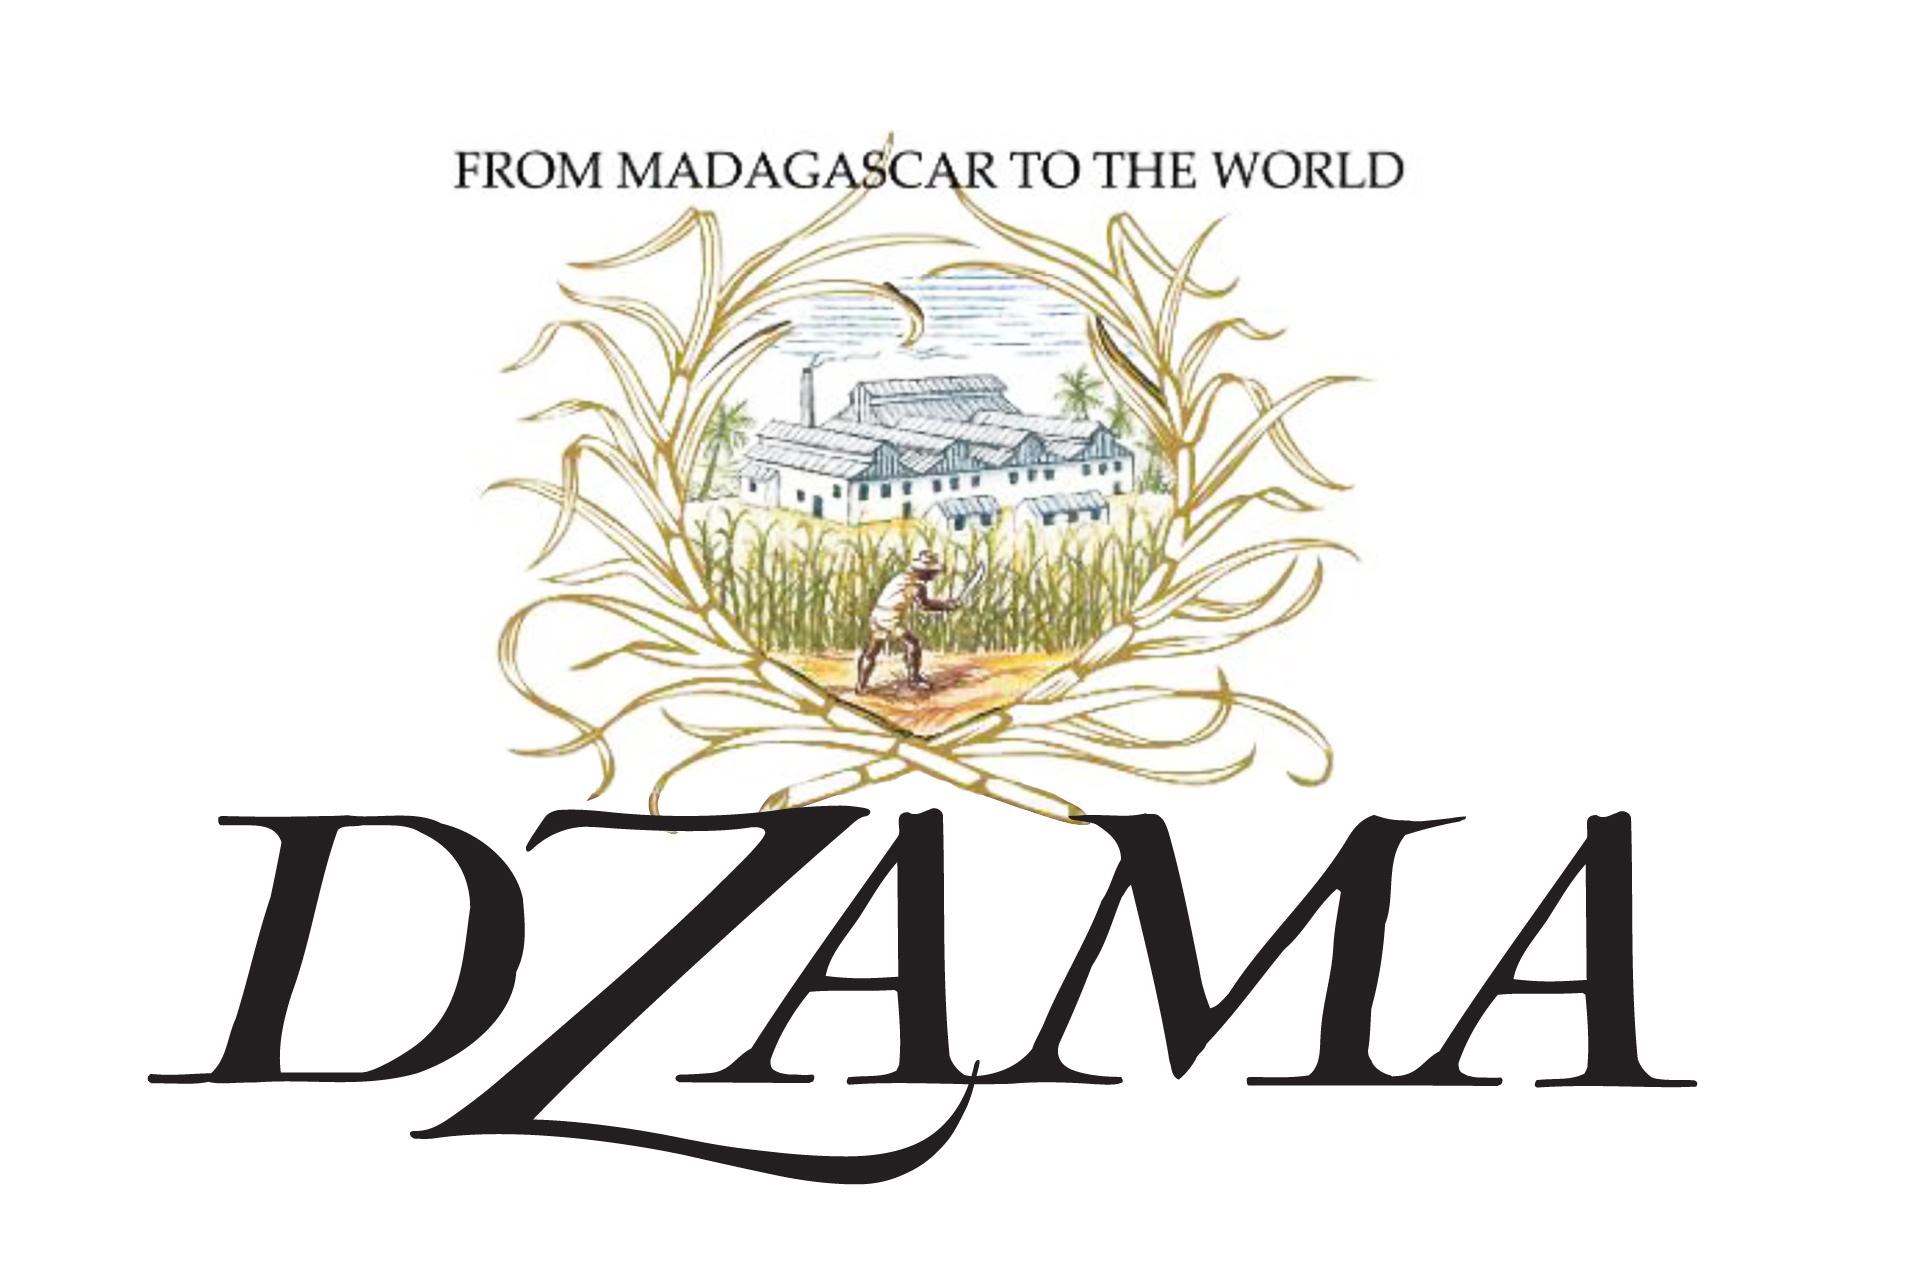 DZAMA RUMS